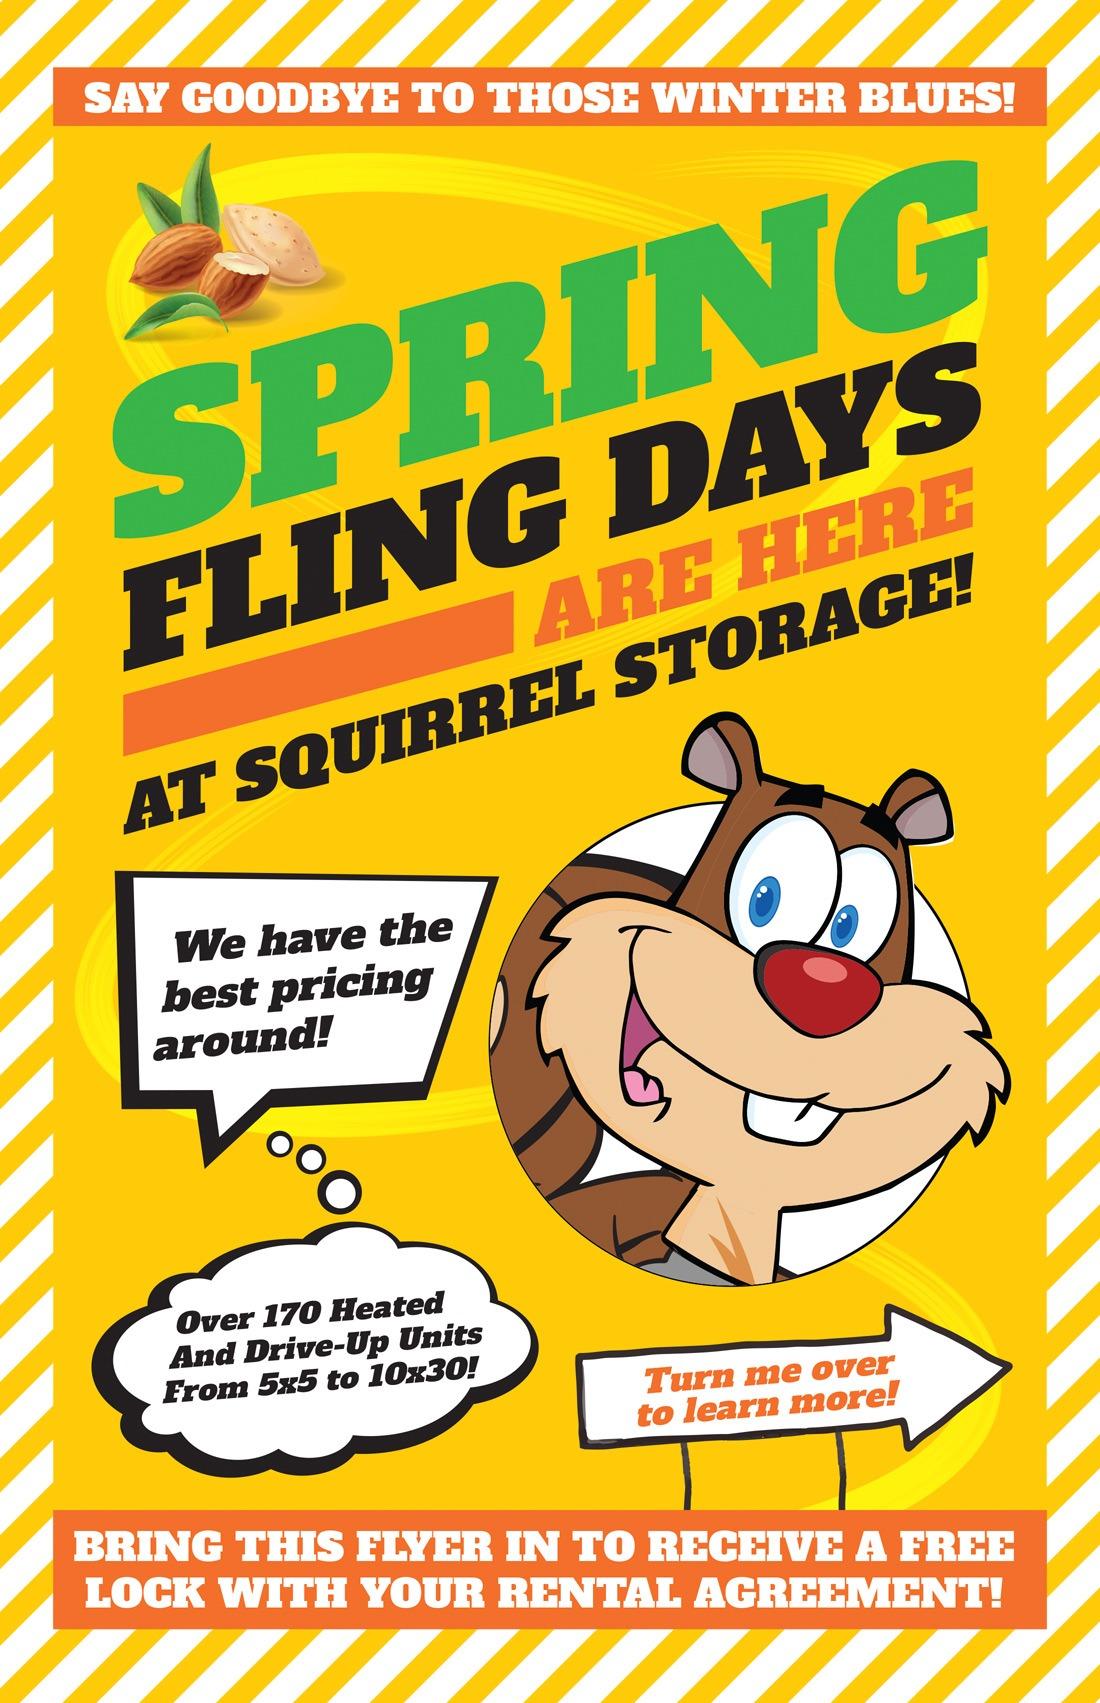 Squirrel Storage | Spring Flyer